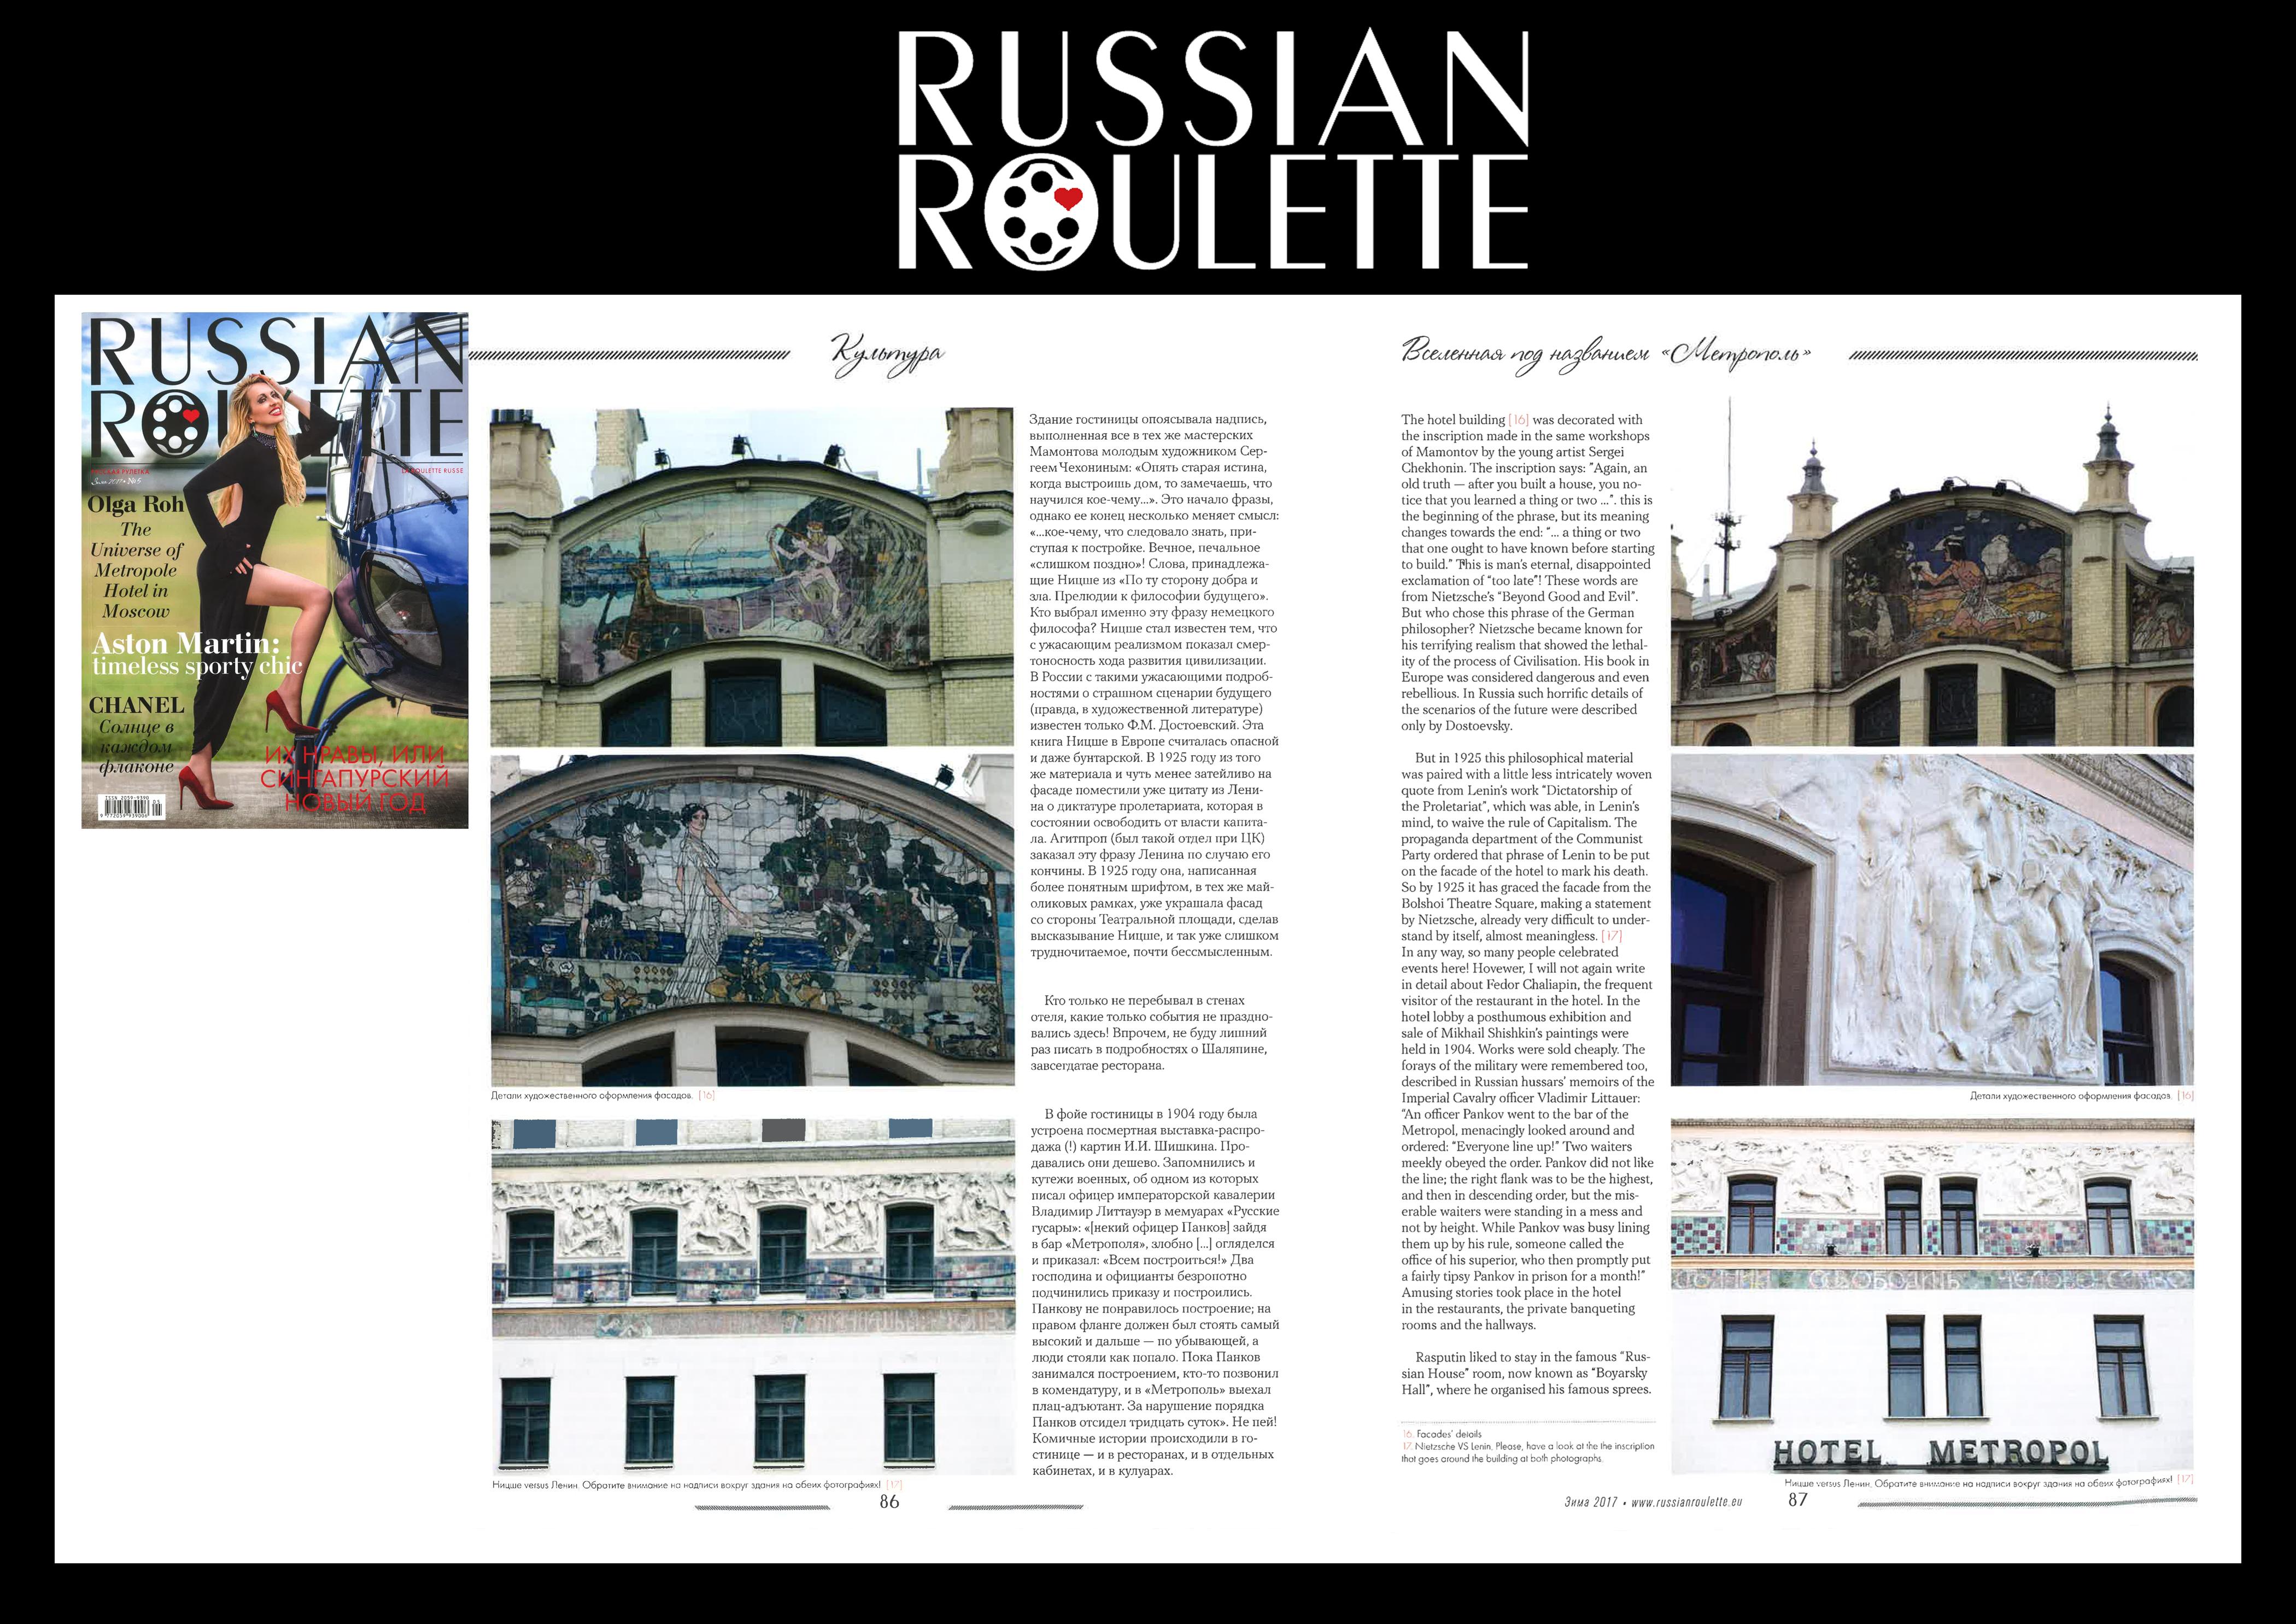 RUSSIAN ROULETTE METROPOLE 2-5